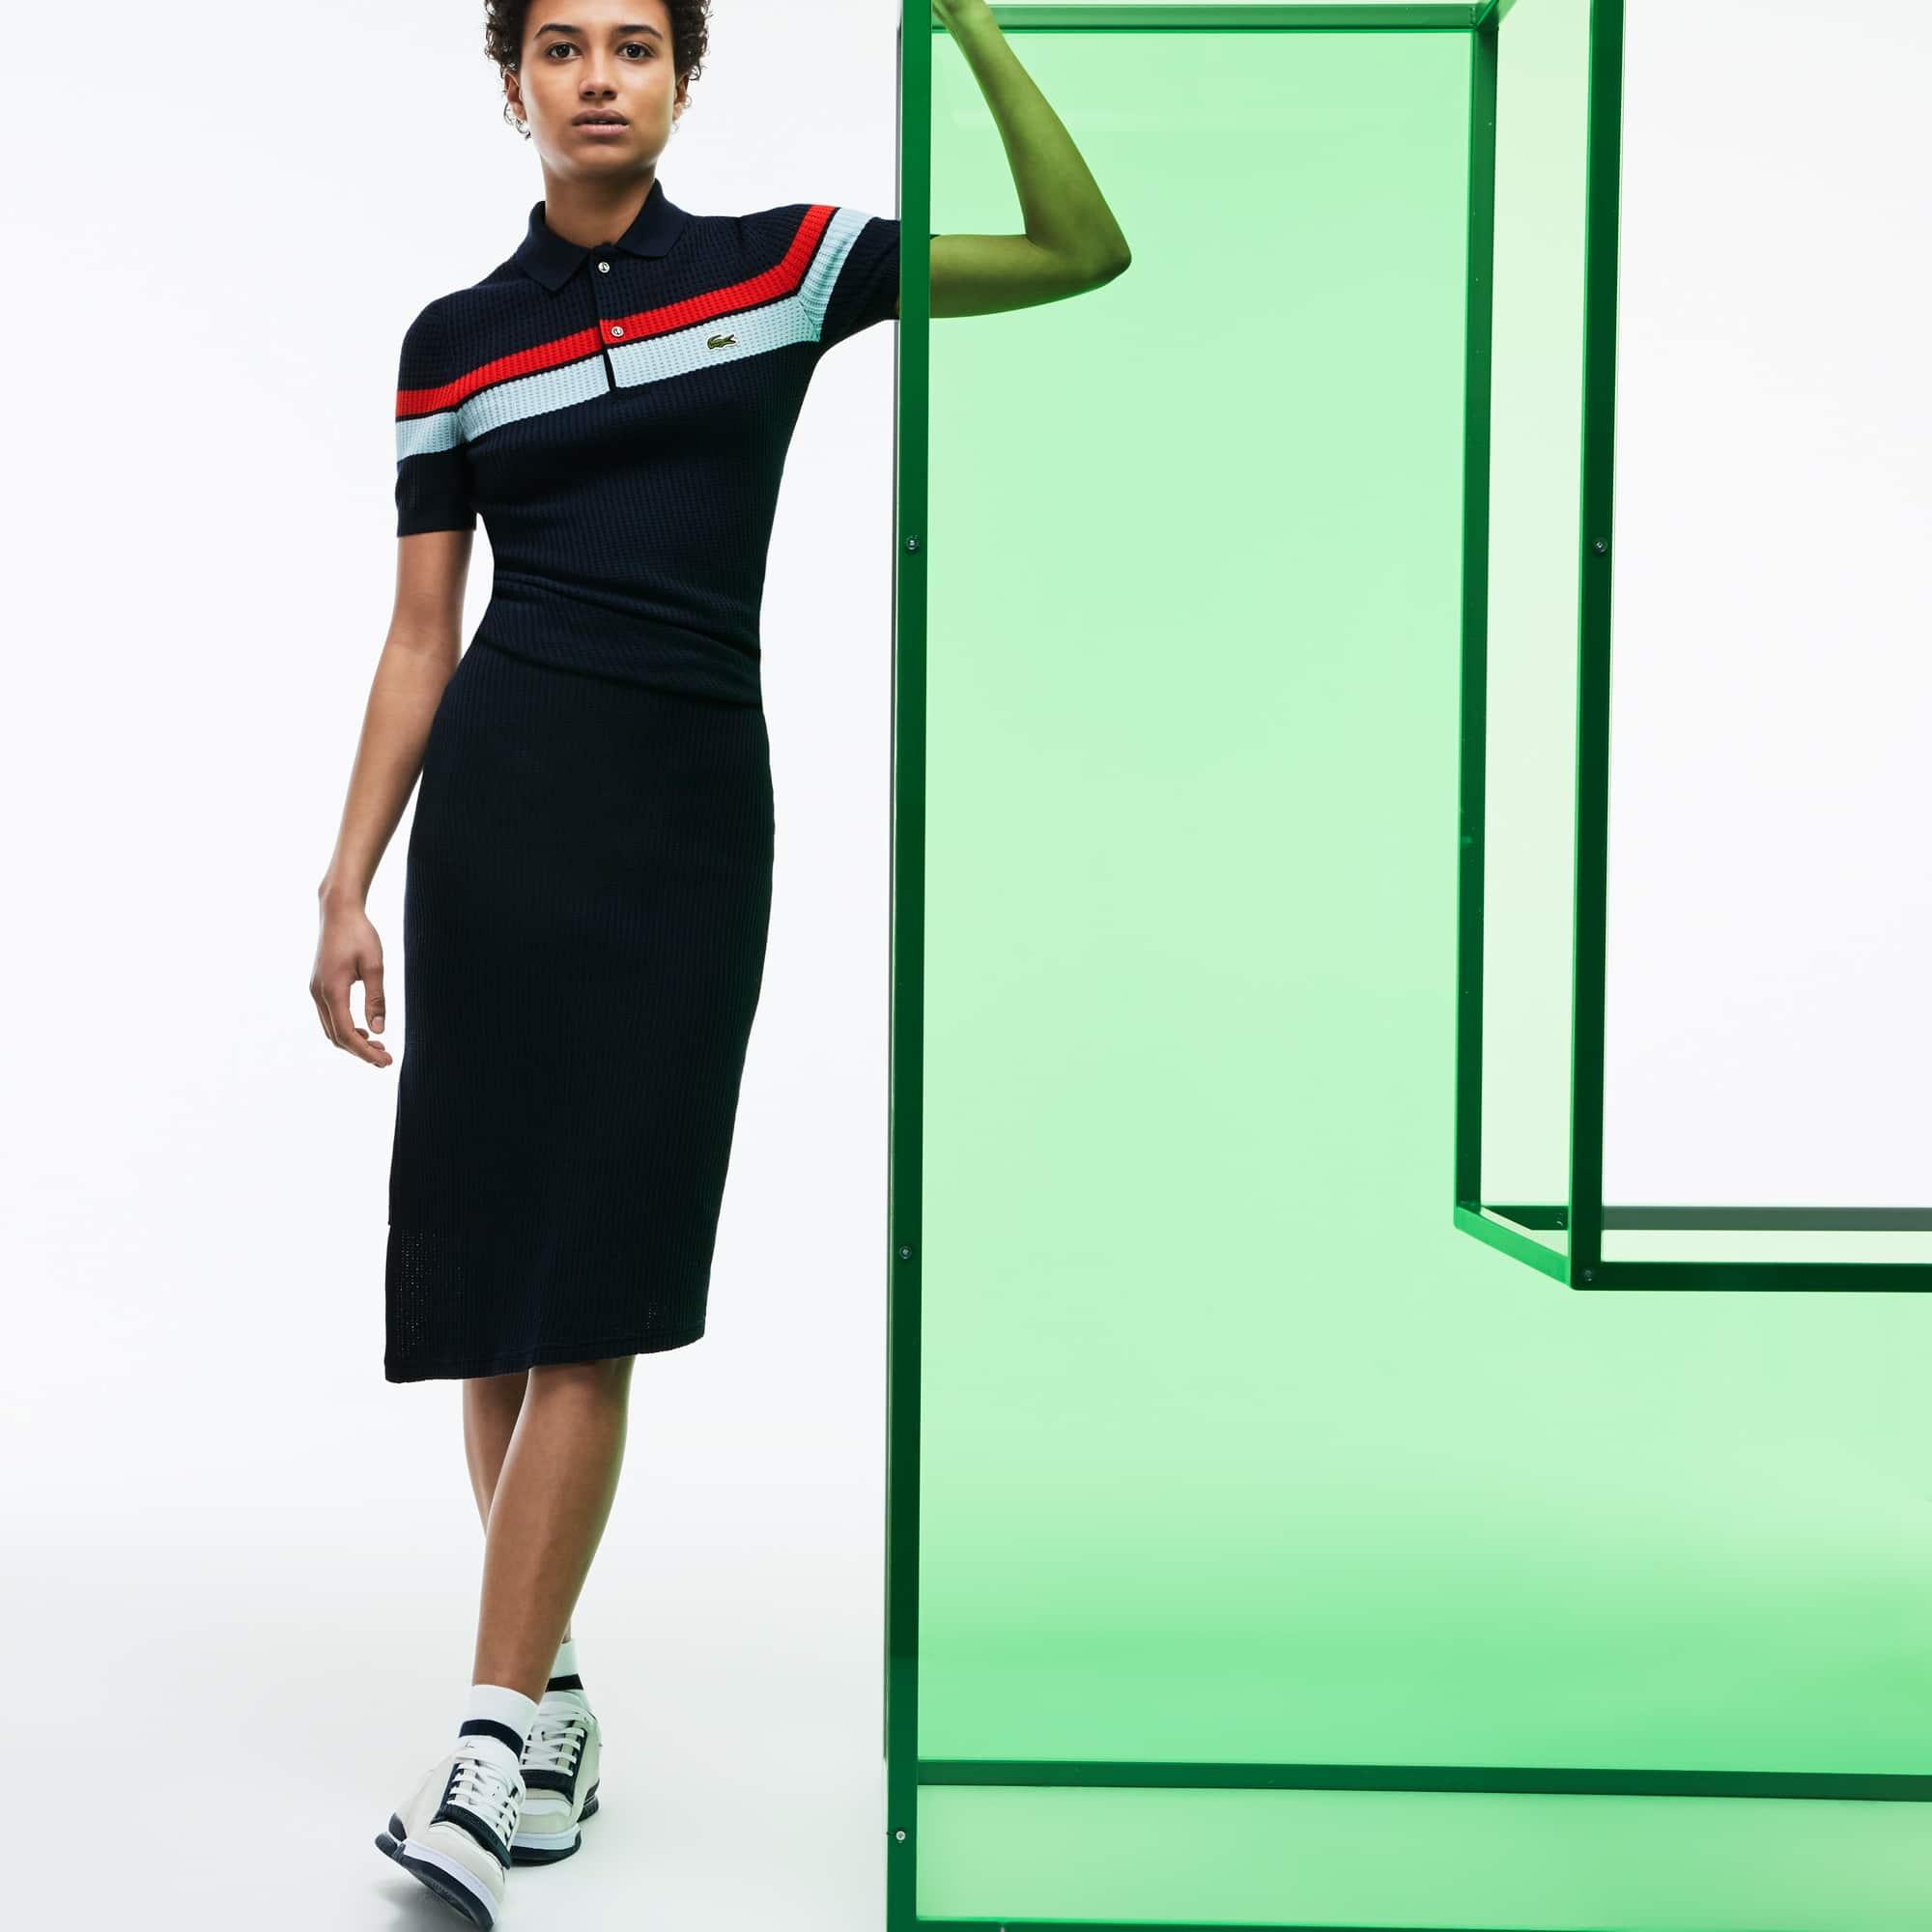 Vestido Polo Fashion Show em Malha de Algodão Torcido com Listras